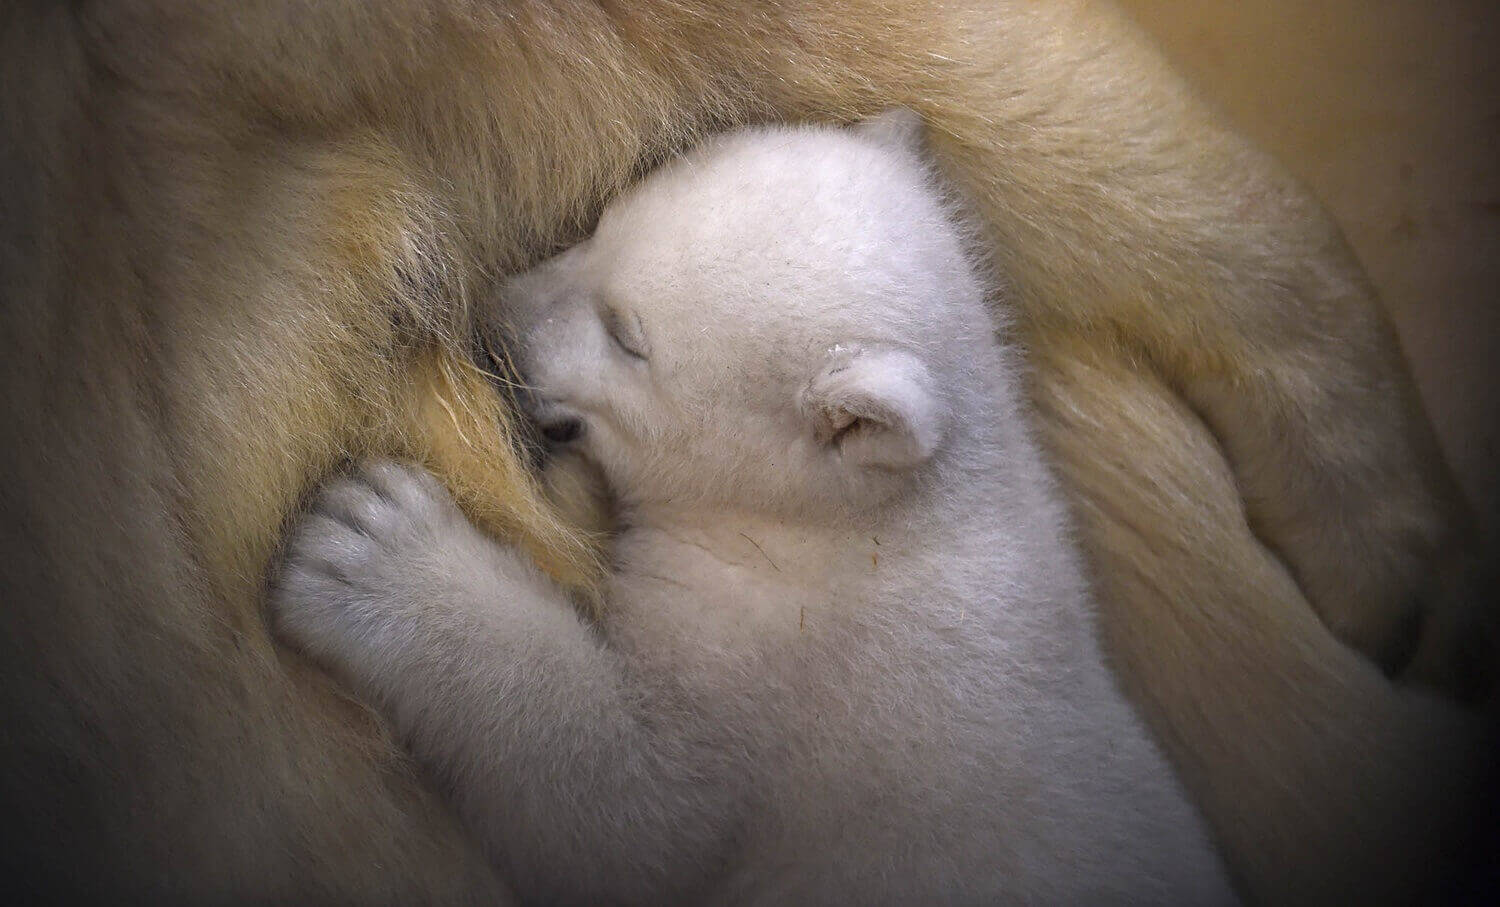 Полярный медвежонок прижимается к сврей матери Валеске.